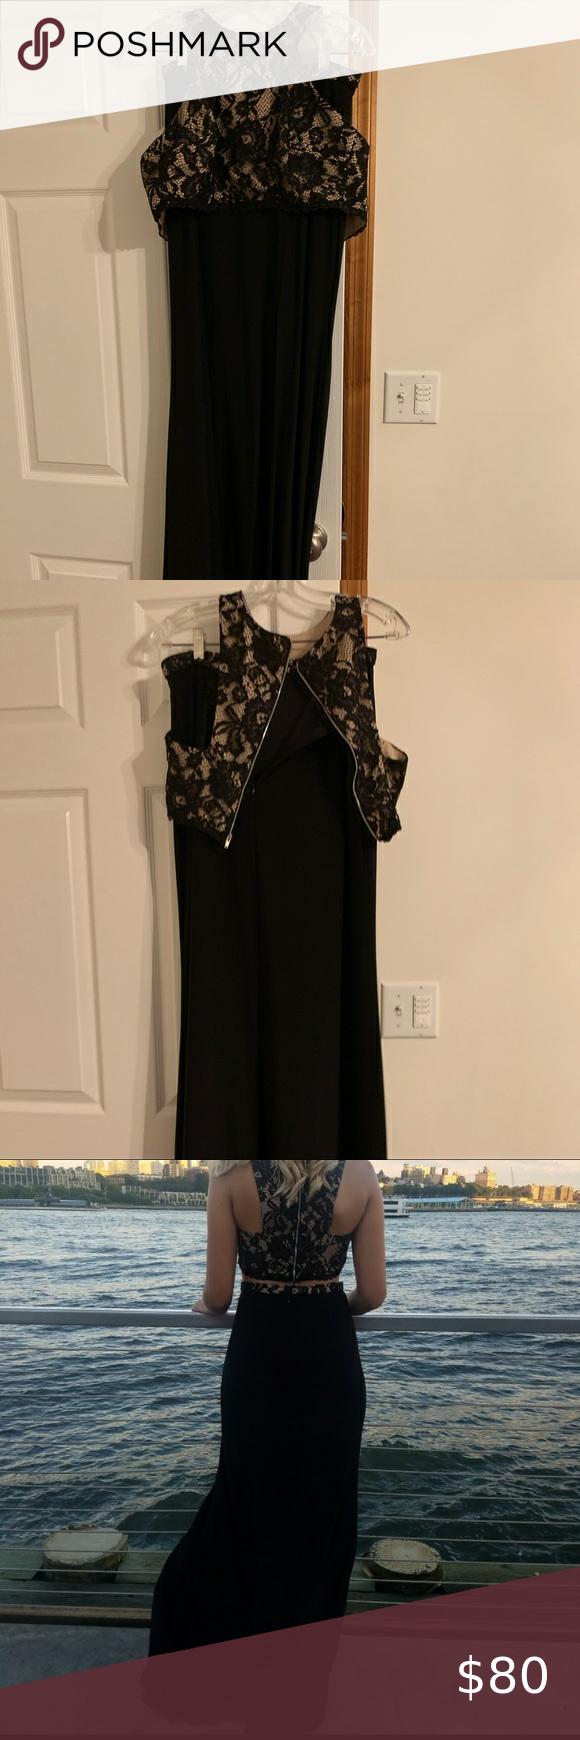 X Scape 2 Piece Prom Dress Worn Once 2 Piece Prom Dress Piece Prom Dress Dress Size Chart Women [ 1740 x 580 Pixel ]